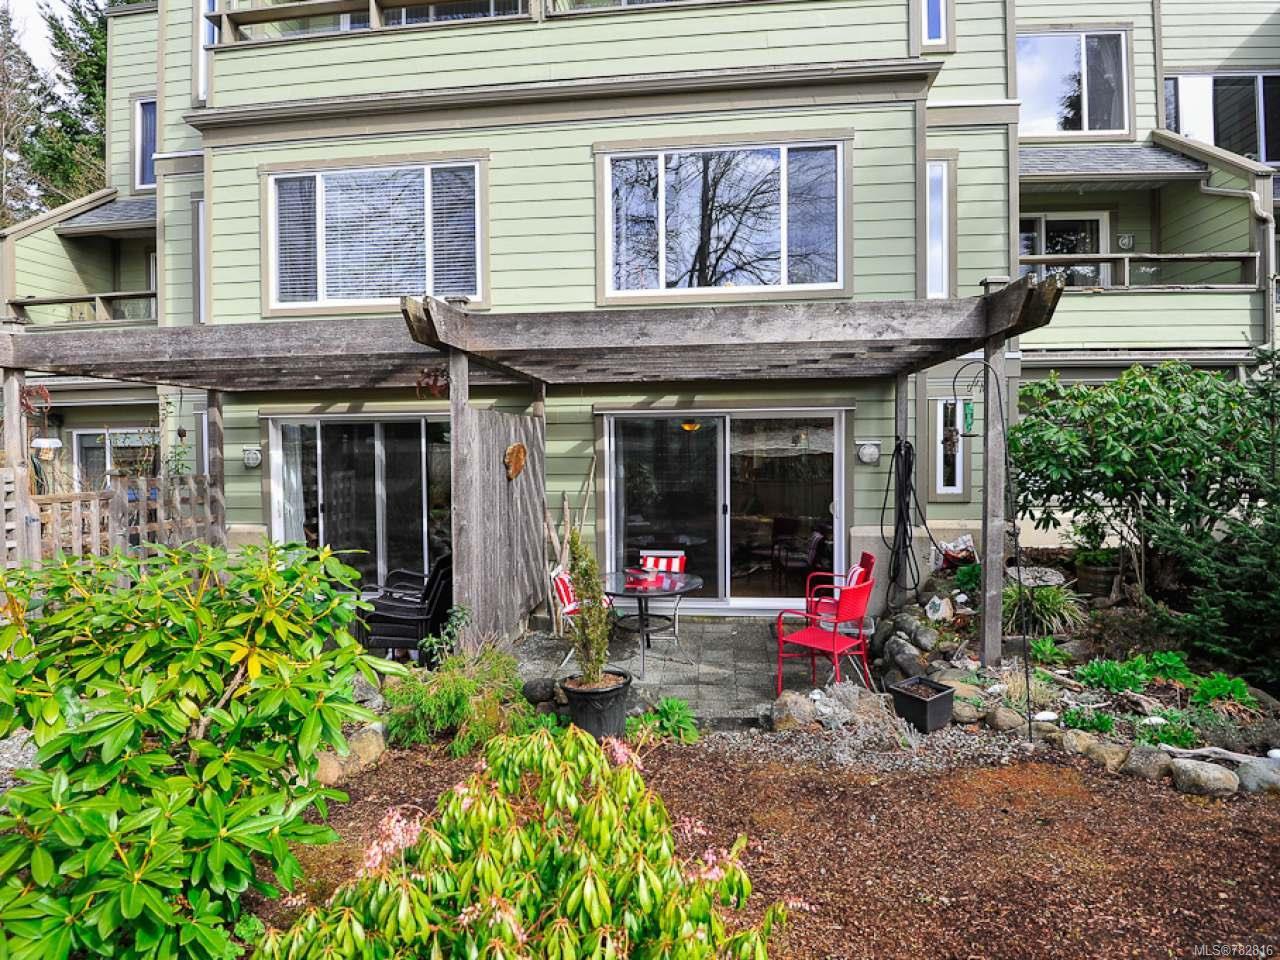 Main Photo: 108C 2250 Manor Pl in COMOX: CV Comox (Town of) Condo for sale (Comox Valley)  : MLS®# 782816